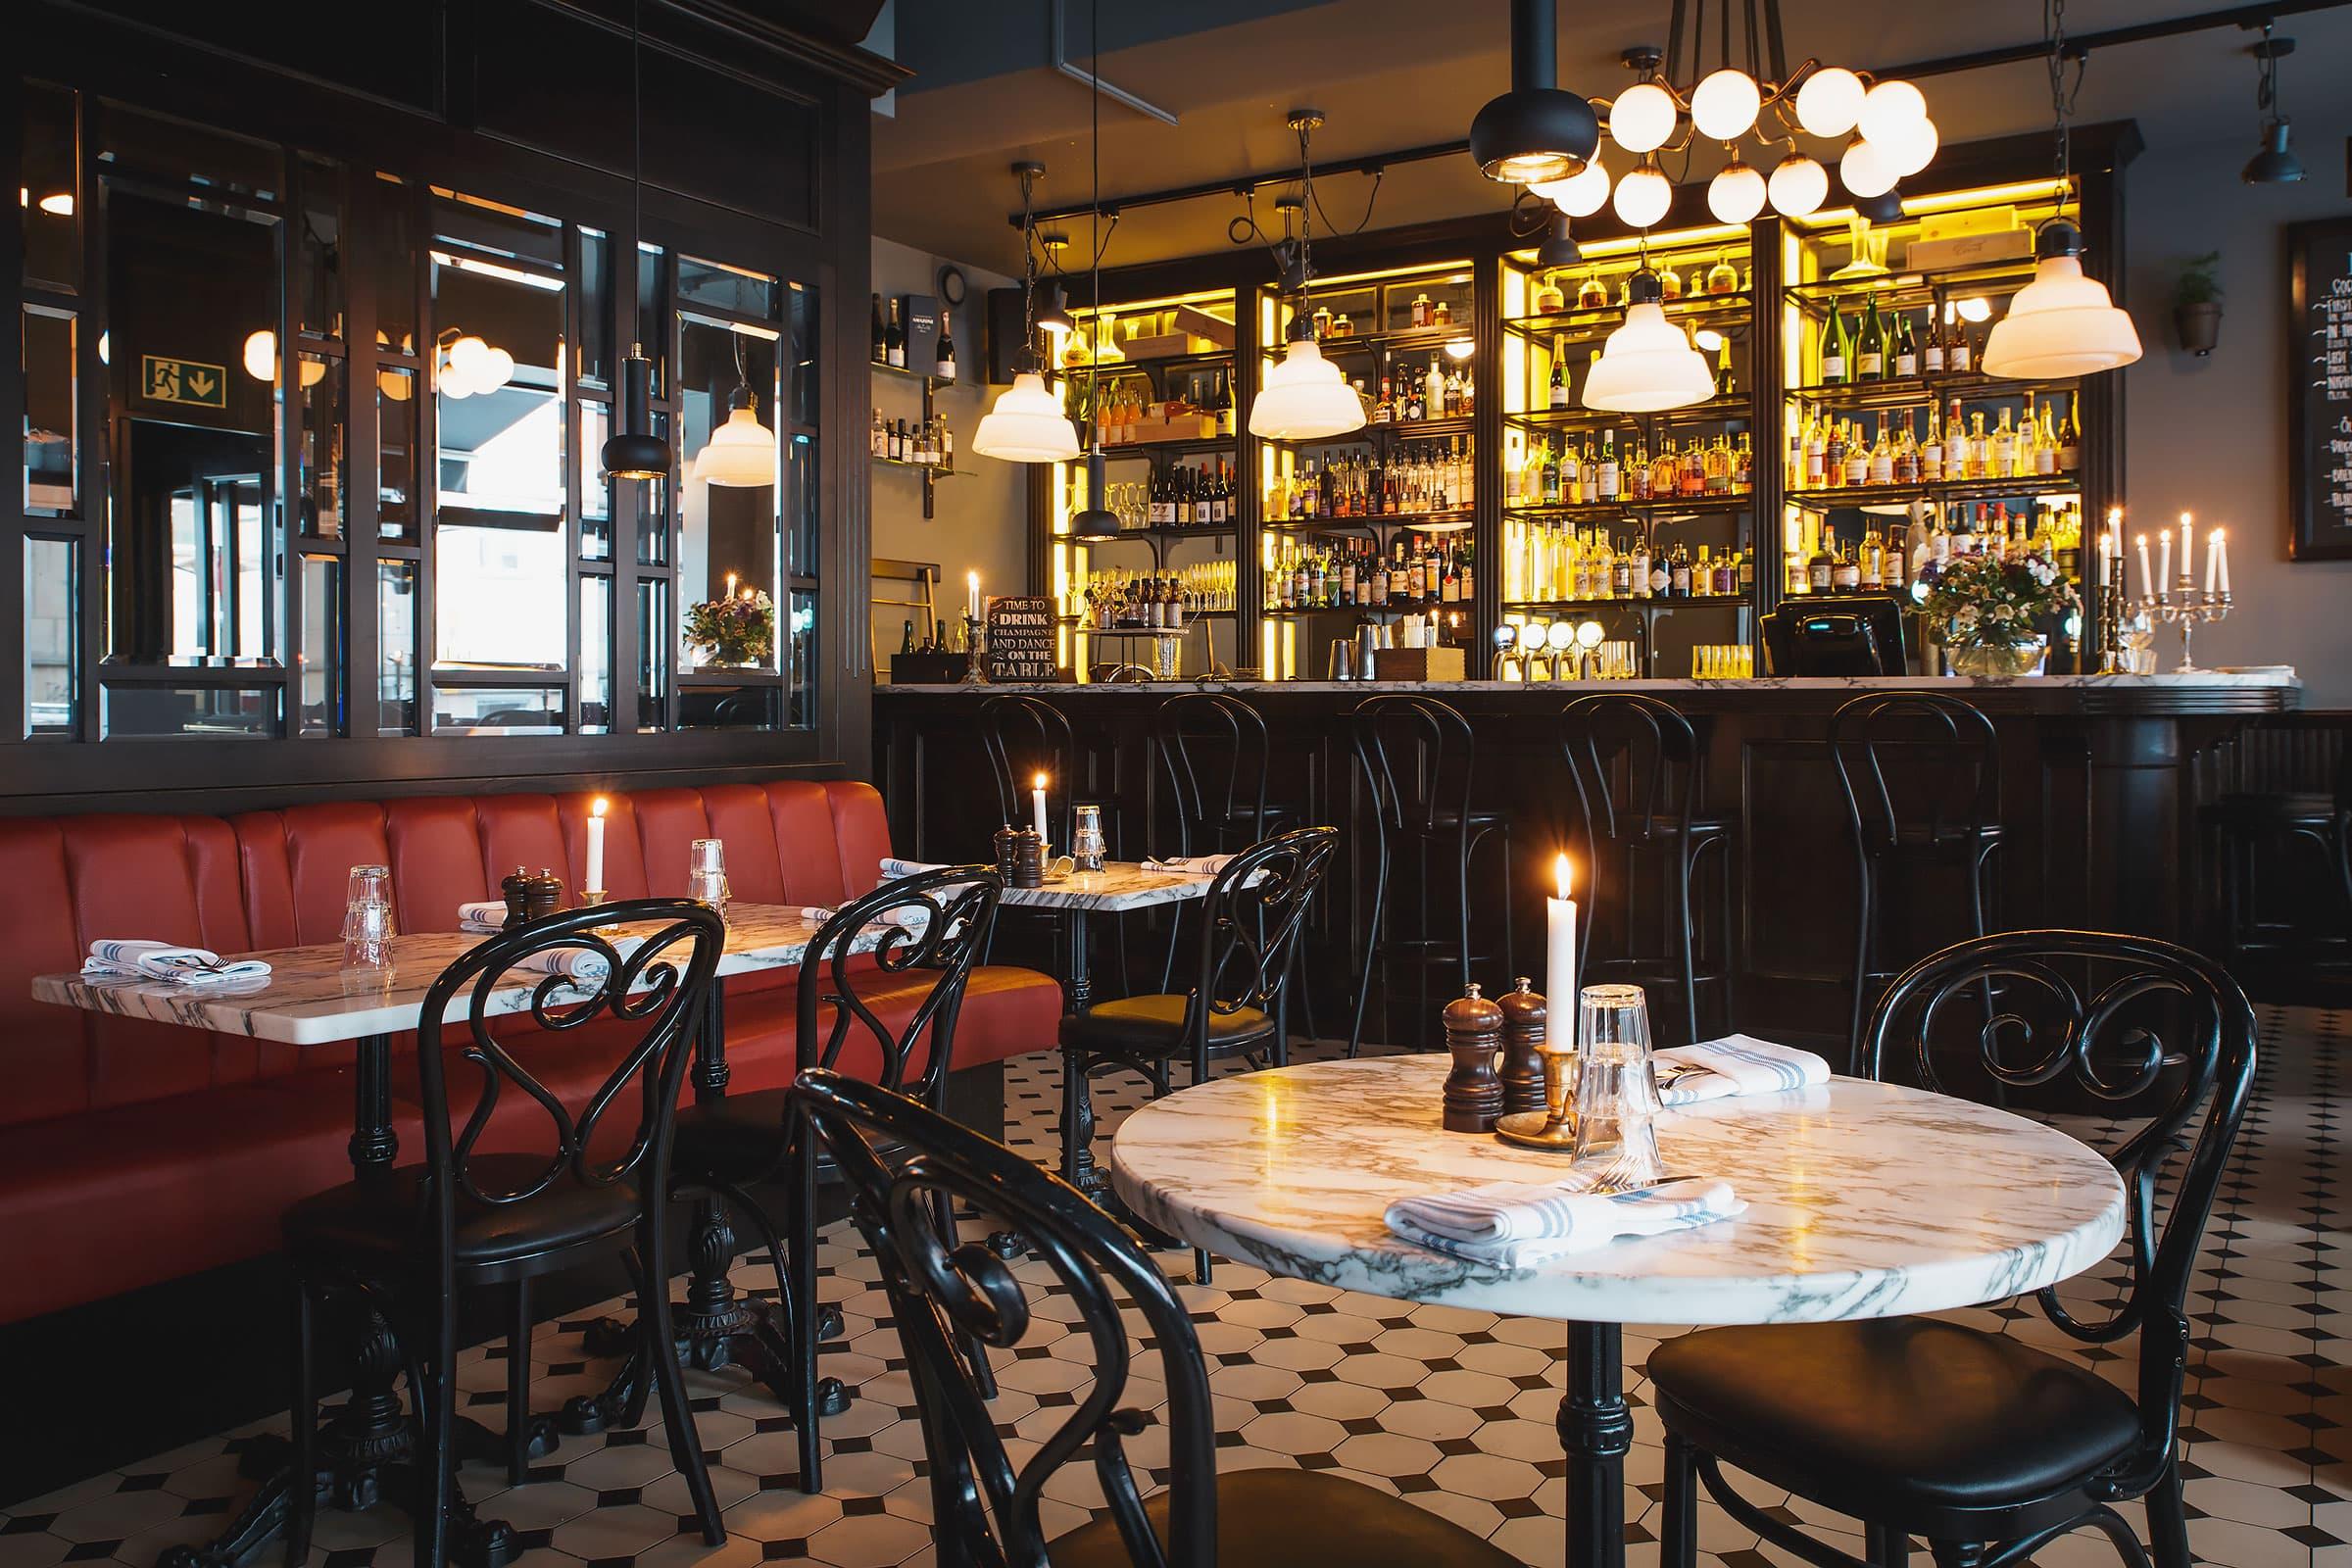 restaurang stockholm söder